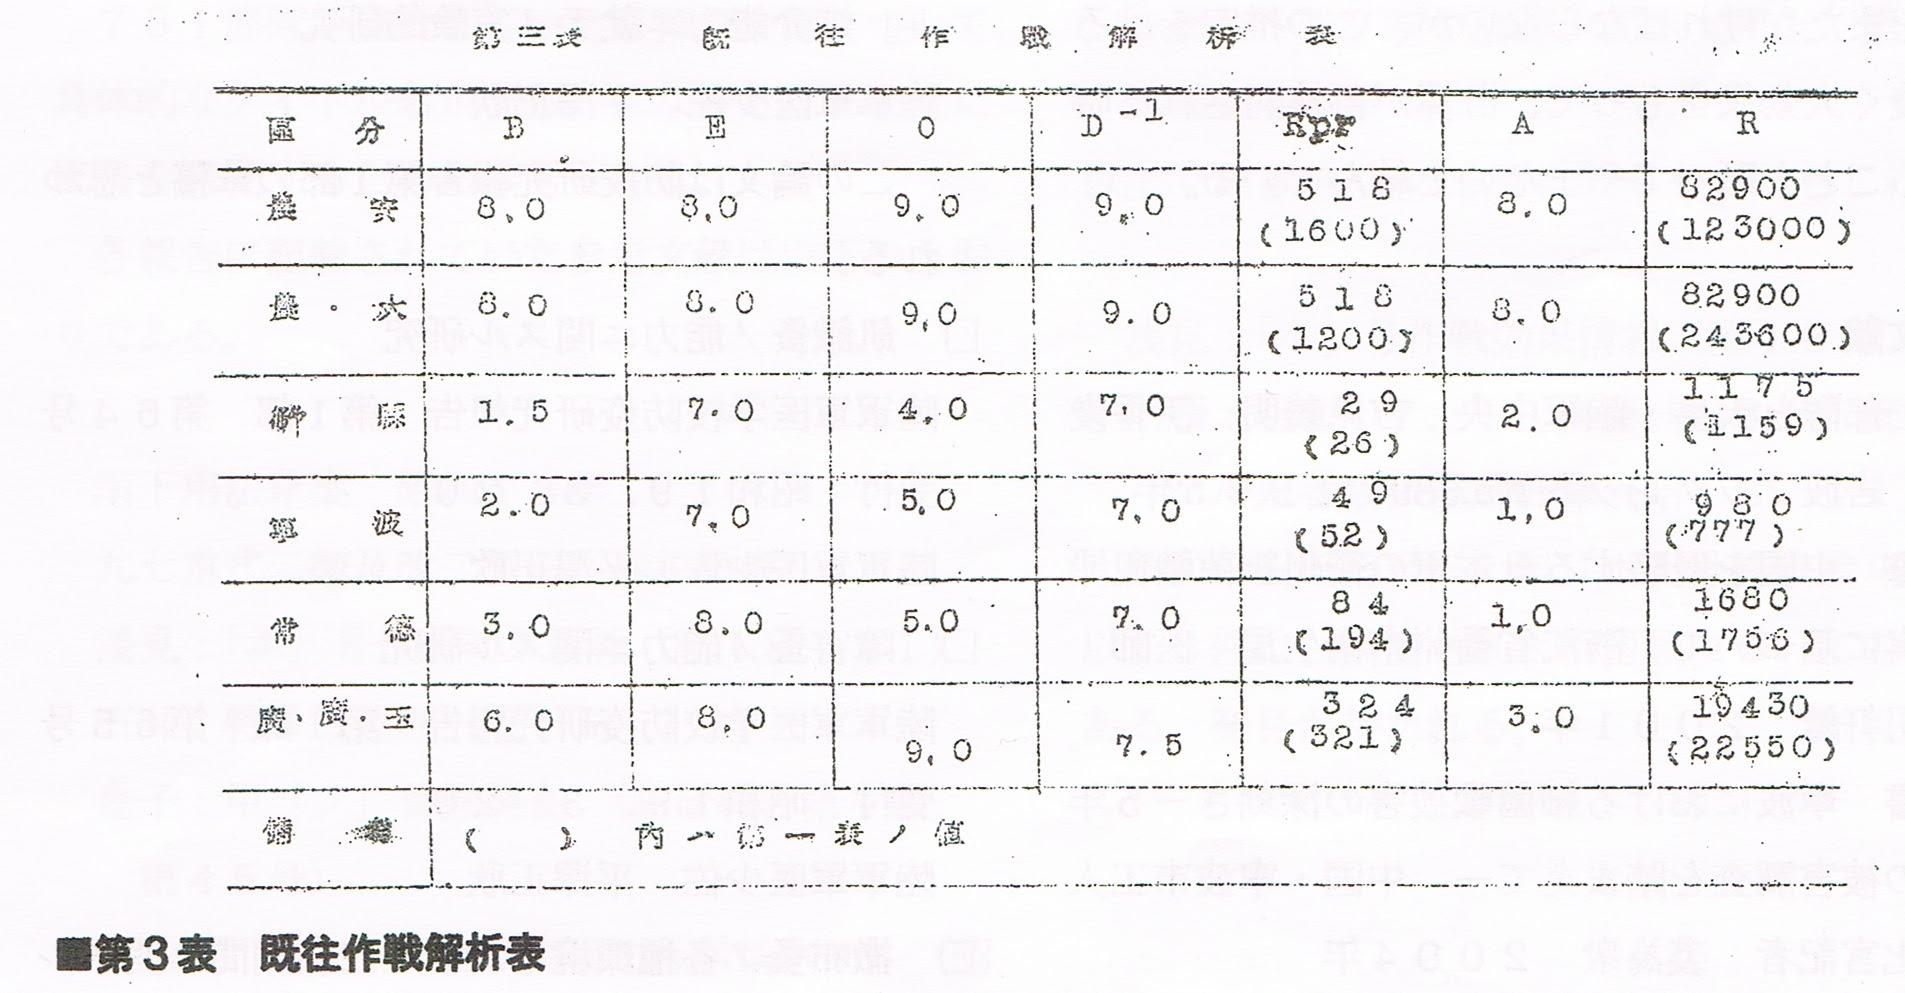 第3表 既往作戦解析表